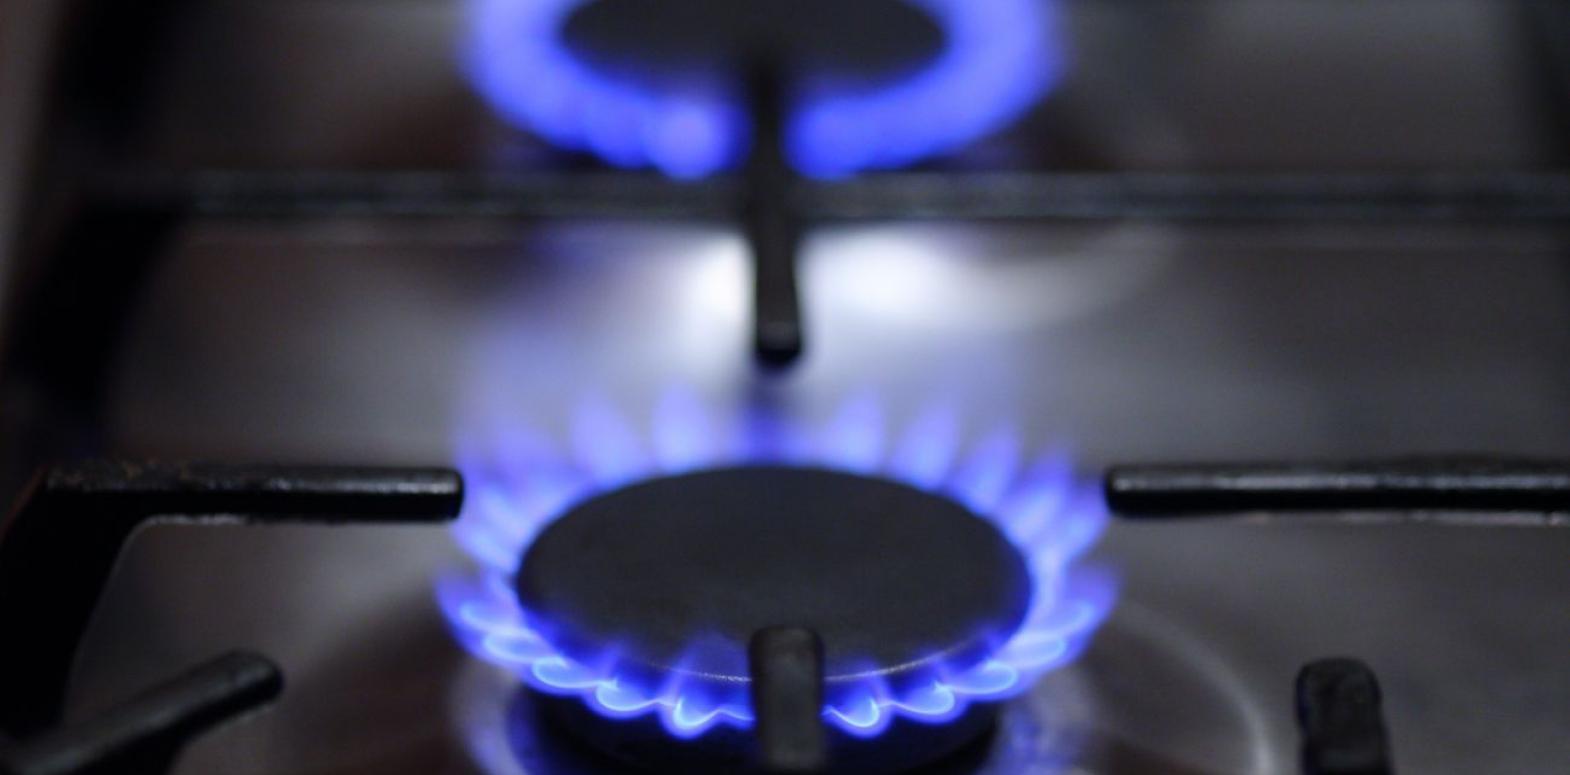 Цена на газ: тенденция к снижению может продолжиться весной